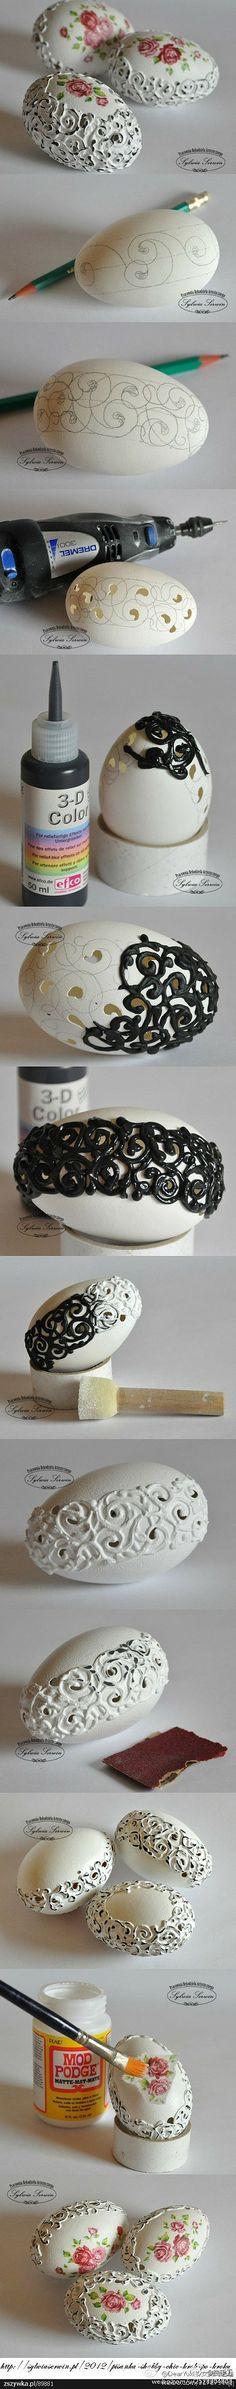 手工DIY 鸡蛋壳艺术品-